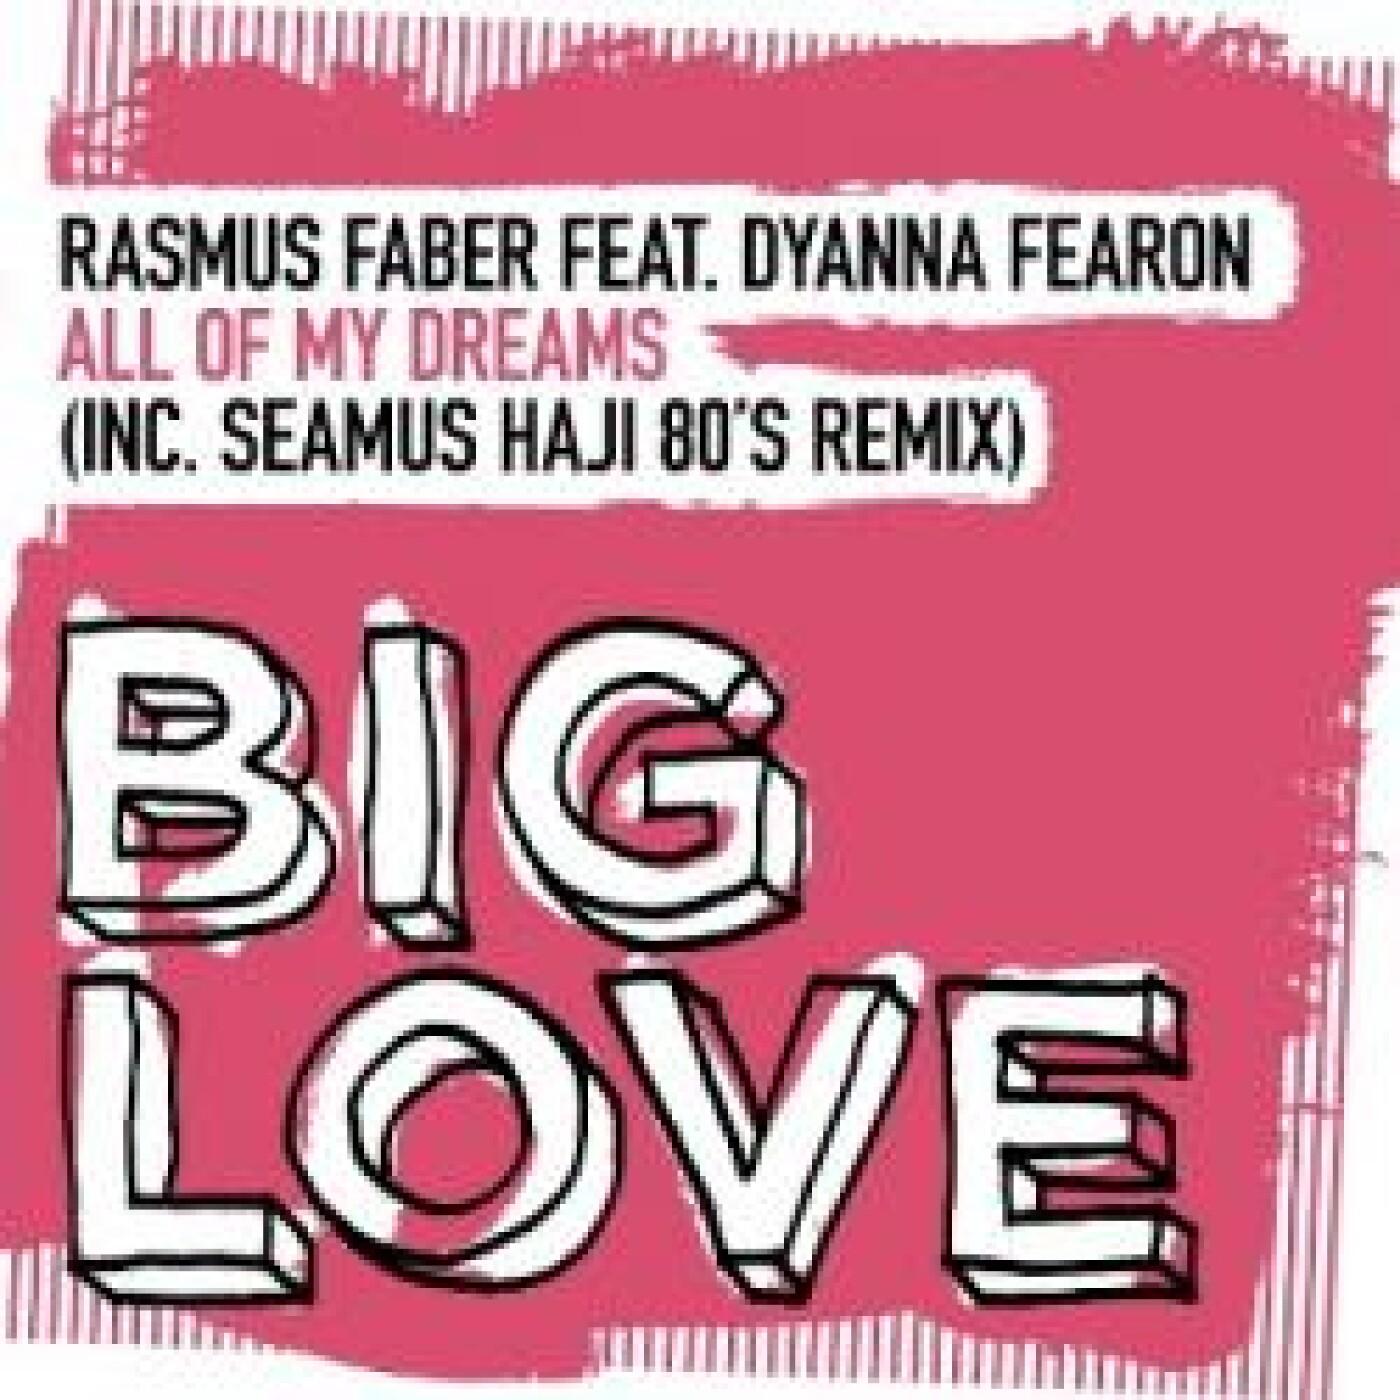 Music News de La Matinale FG : le nouveau remix de Seamus Haji